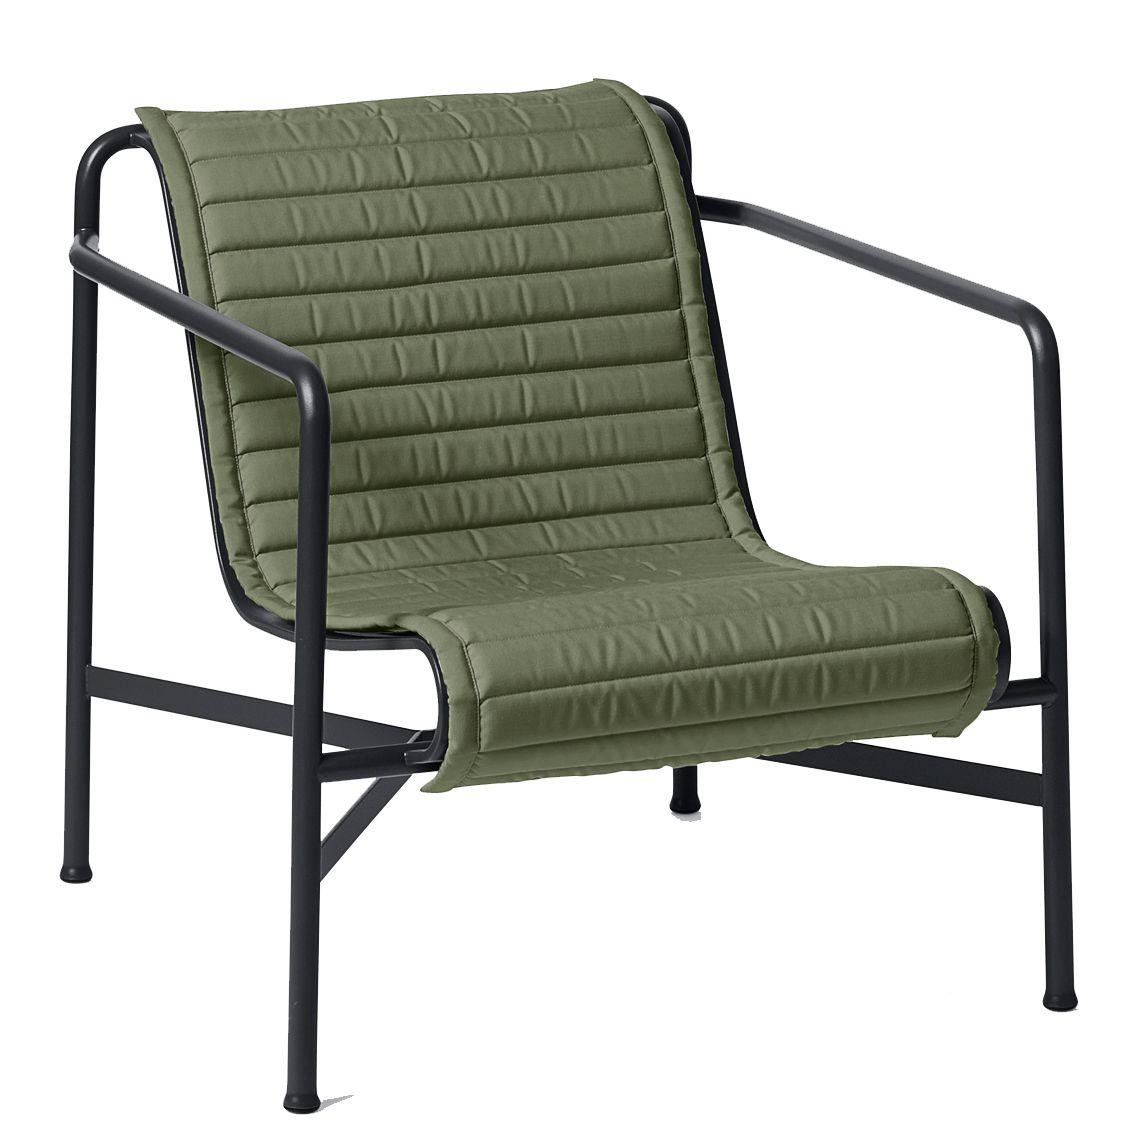 Hay Palissade Low fauteuil Quilted zitkussen olijf